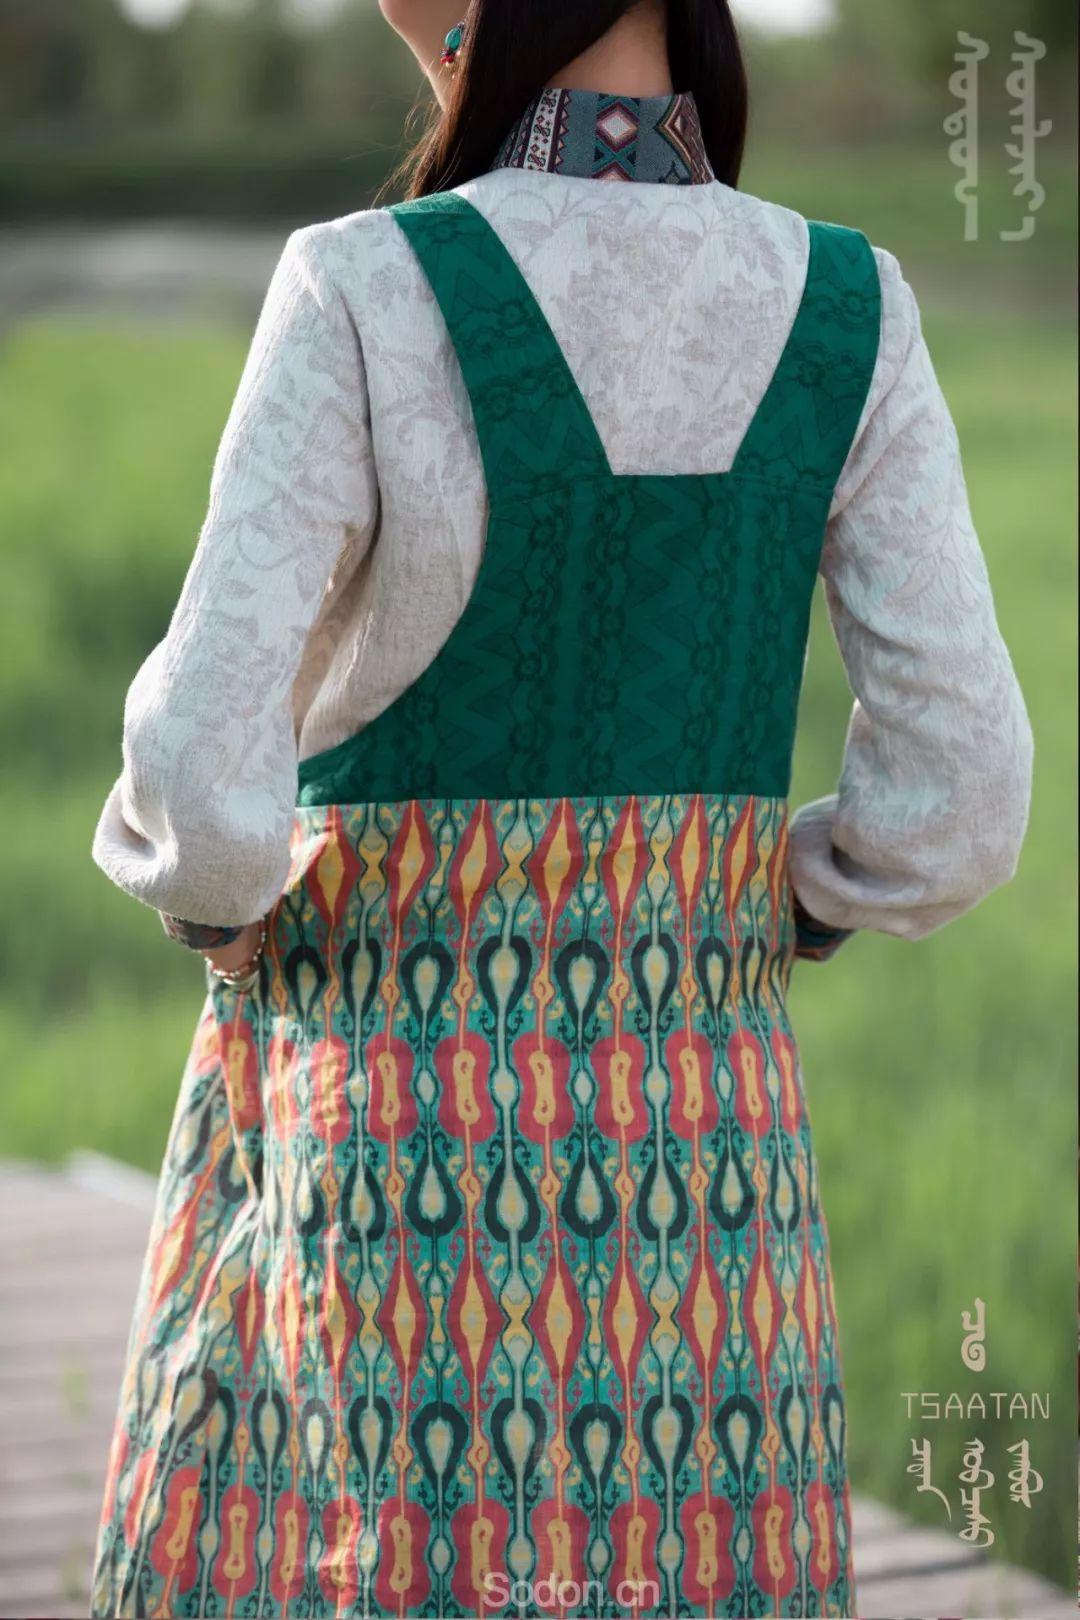 TSAATAN蒙古时装 2019新款,来自驯鹿人的独特魅力! 第80张 TSAATAN蒙古时装 2019新款,来自驯鹿人的独特魅力! 蒙古服饰